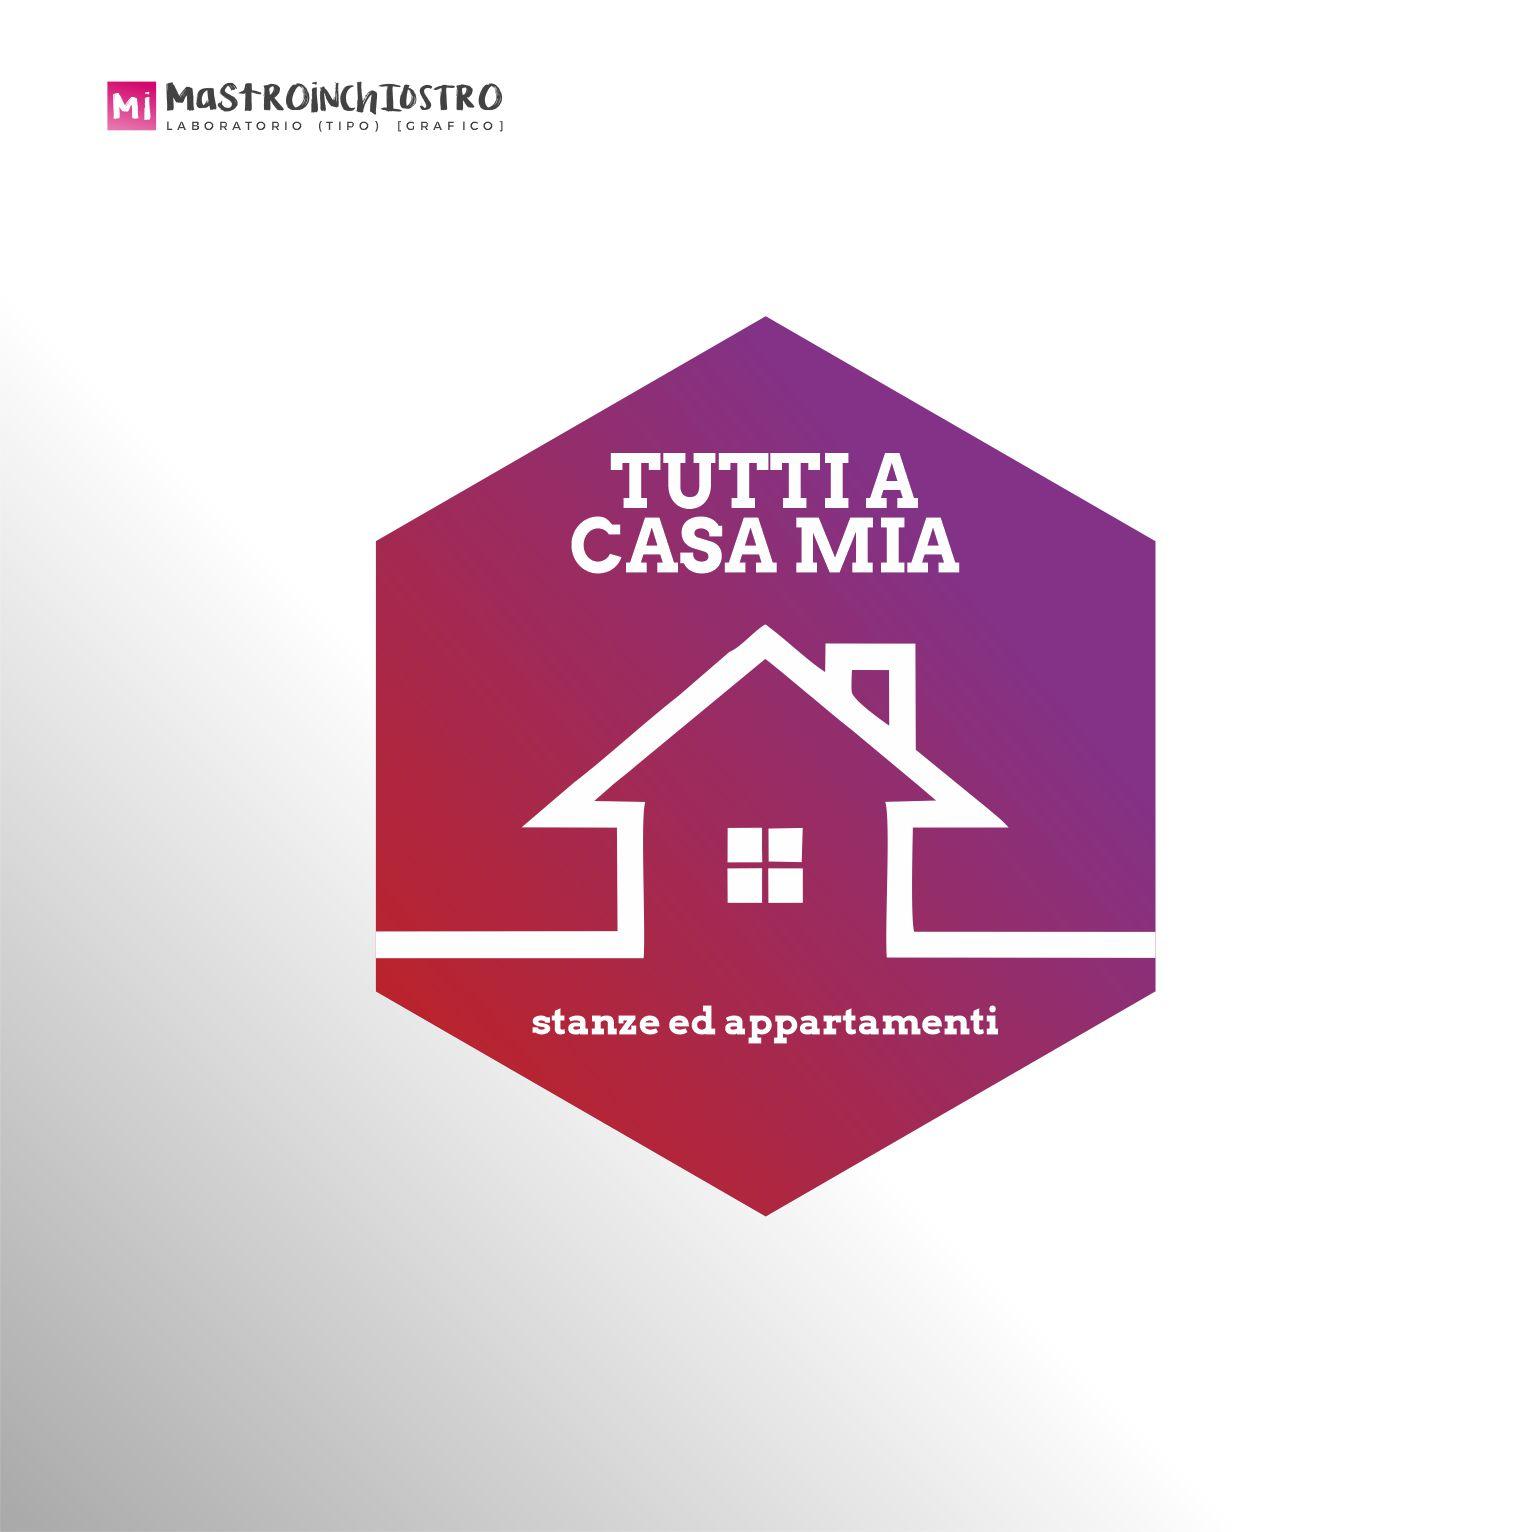 branding logo Tutti a casa mia | MASTROiNCHIOSTRO